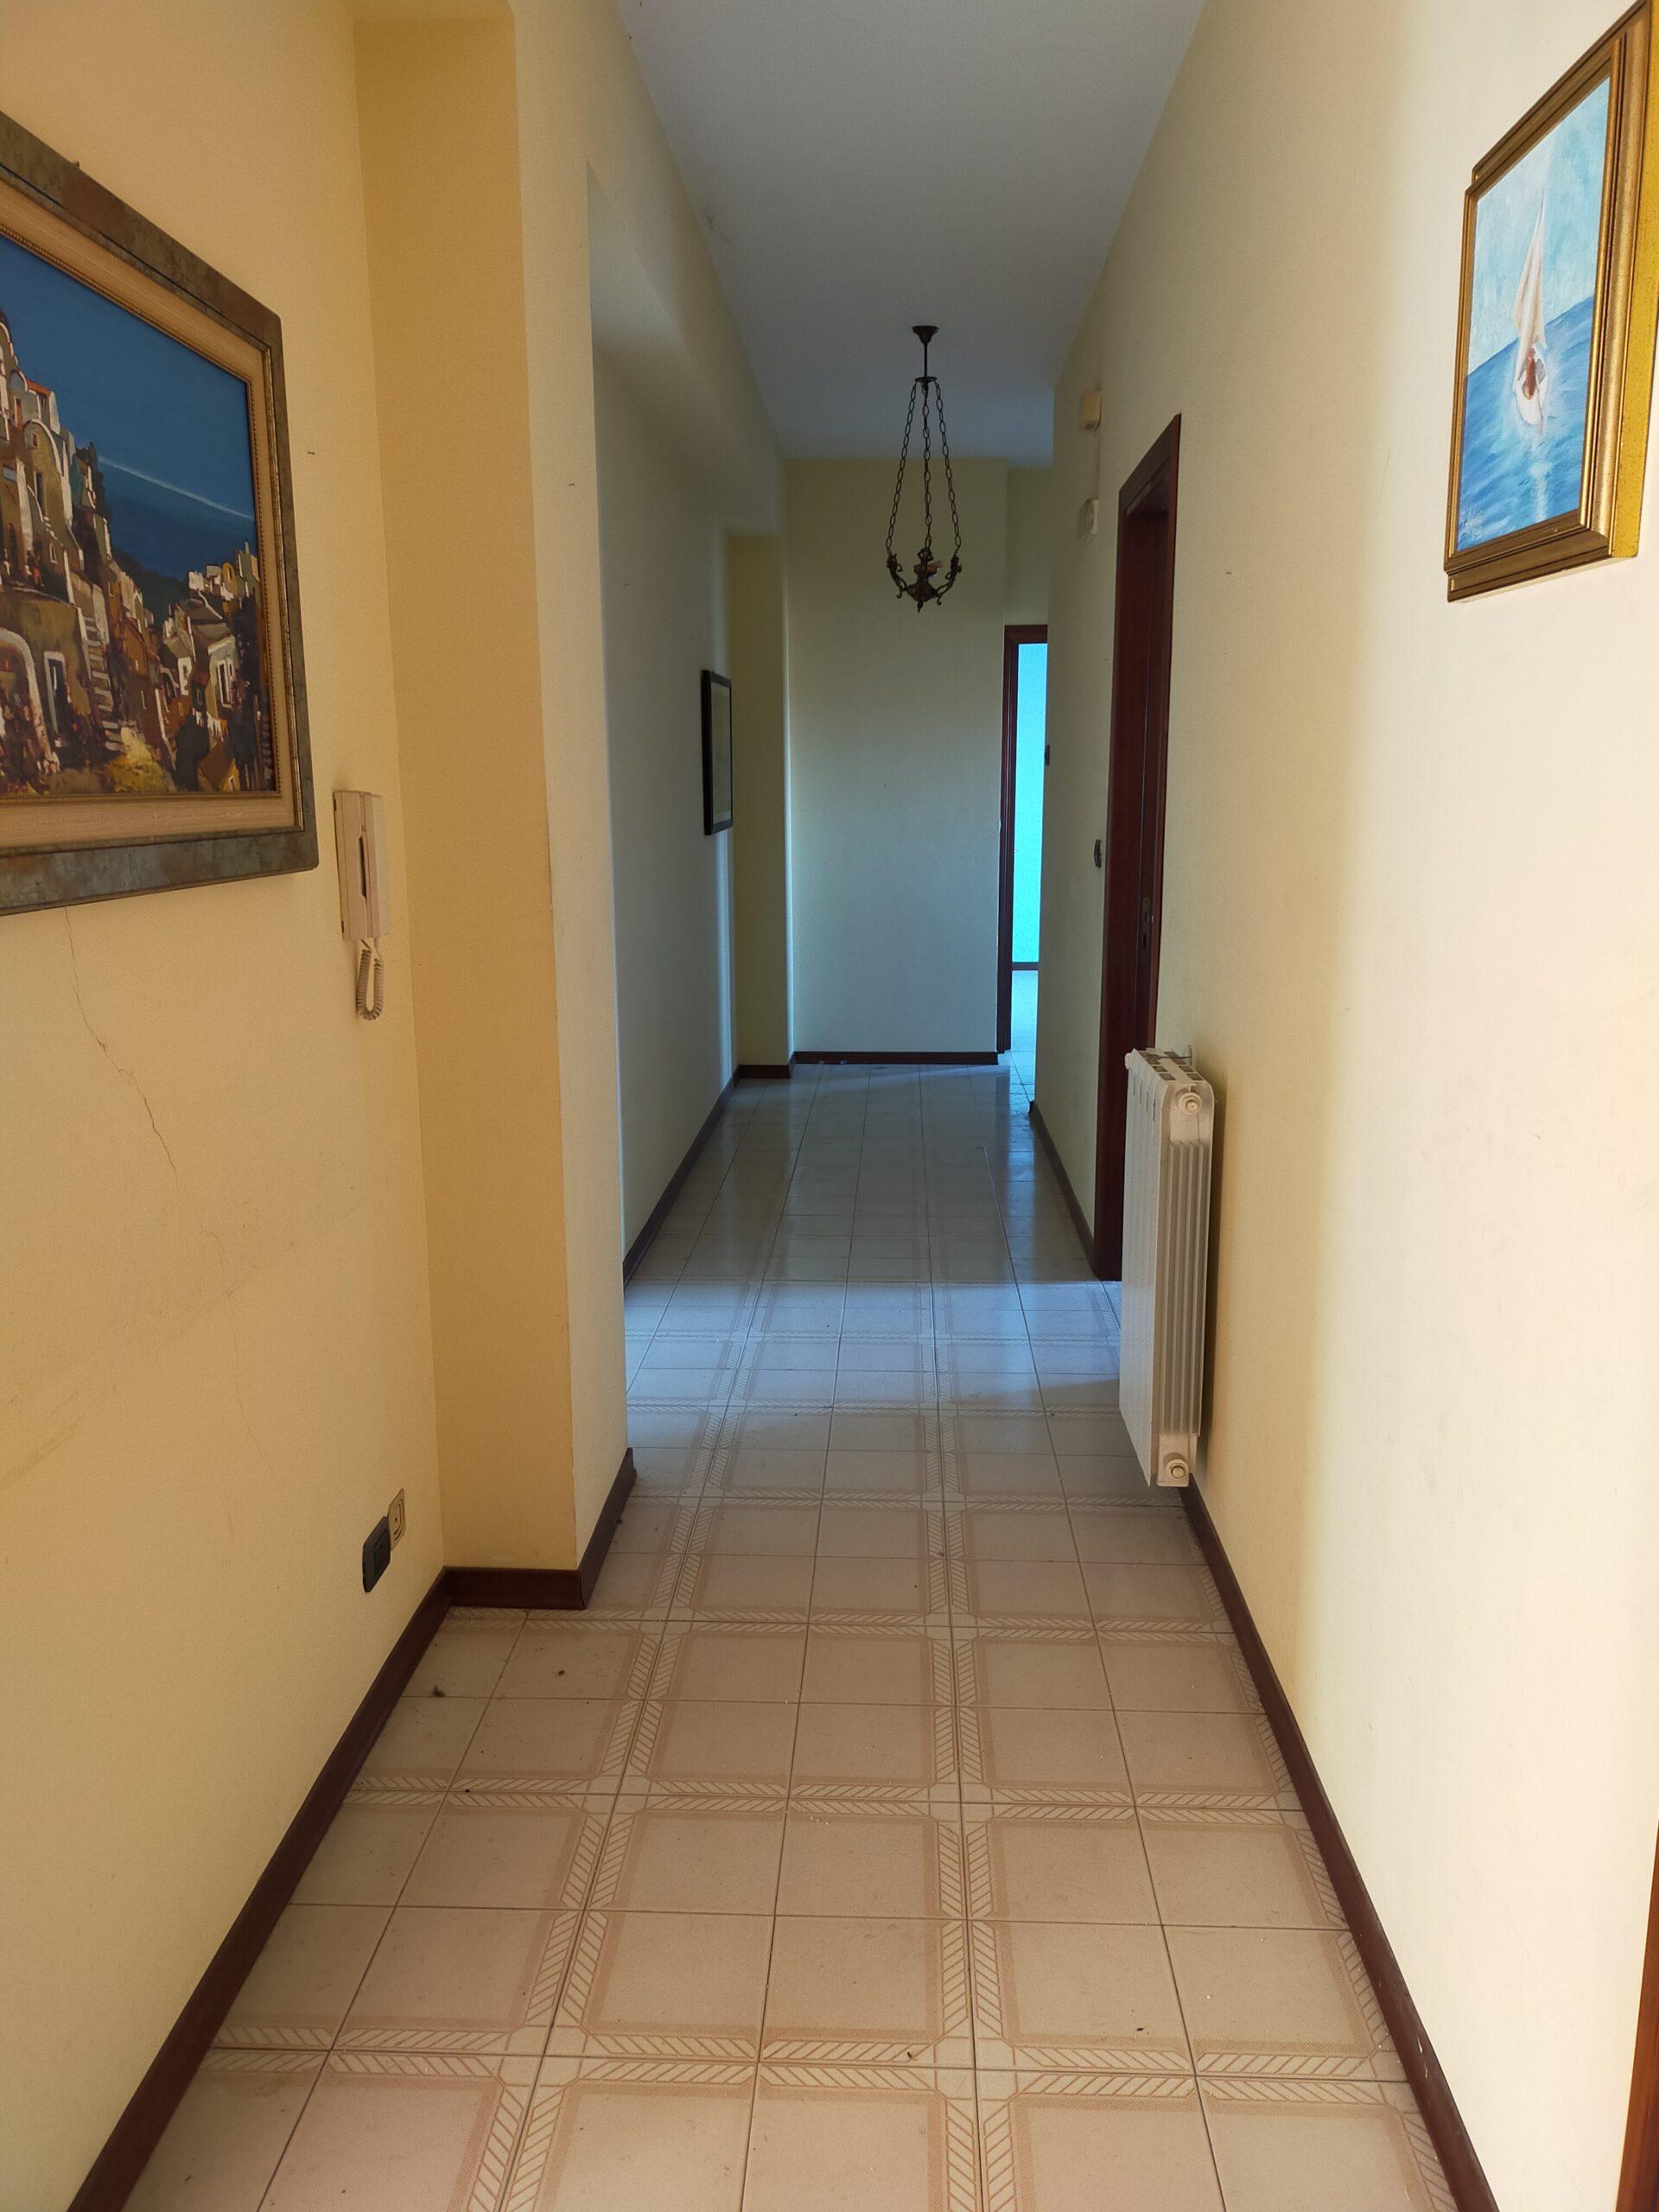 Aci San Filippo Centro Appartamento 3 locali panoramico